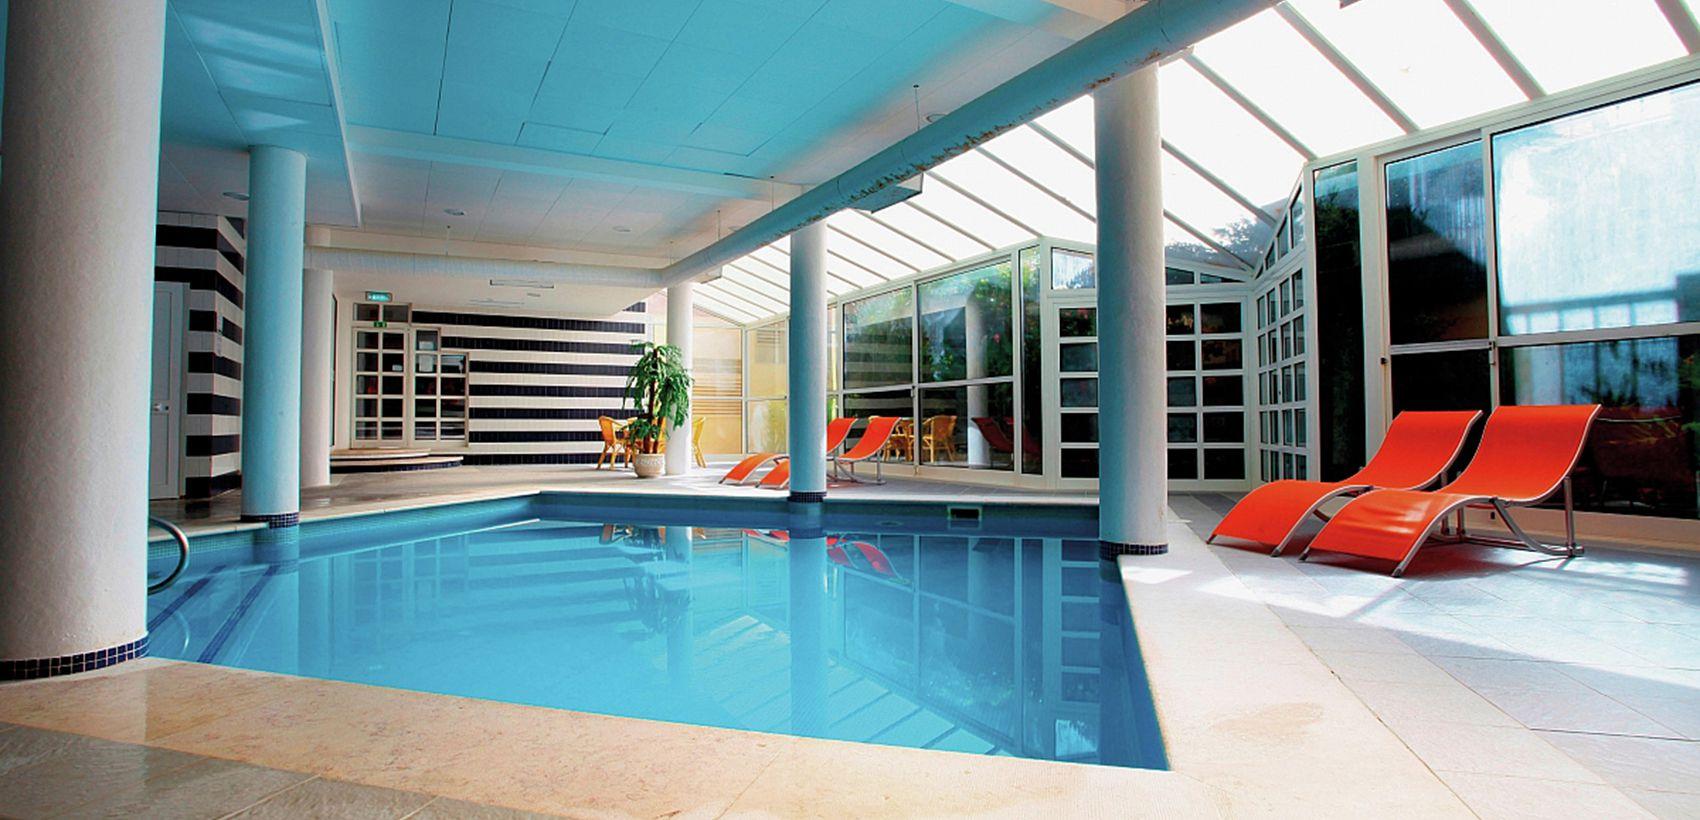 Réveillon: Hotel Baía Cristal